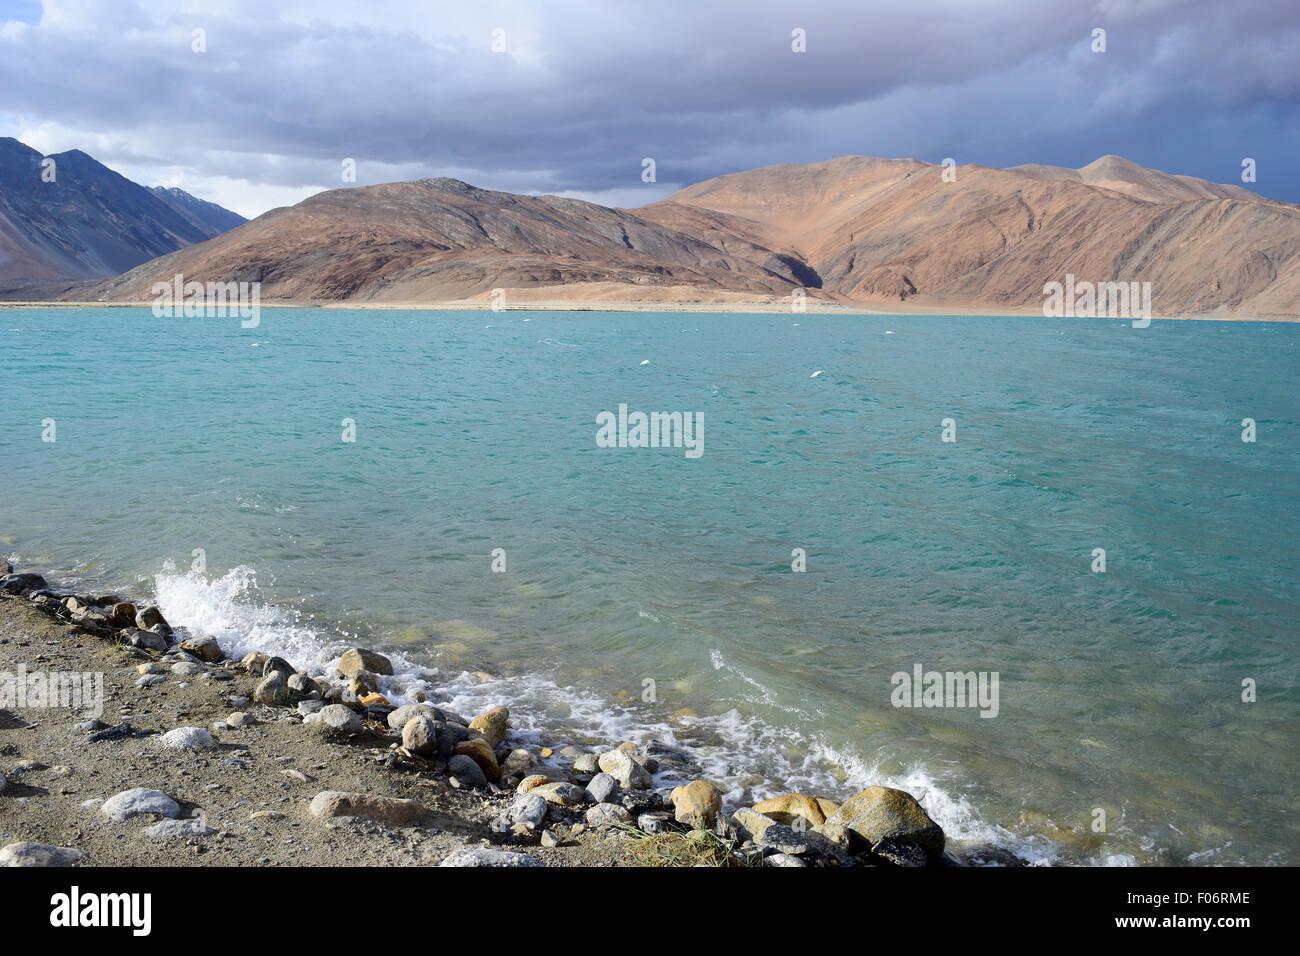 Pangong Tso Lake Ladakh India Beautiful Himalayas Mountains and Pangong Lake Stock Photo